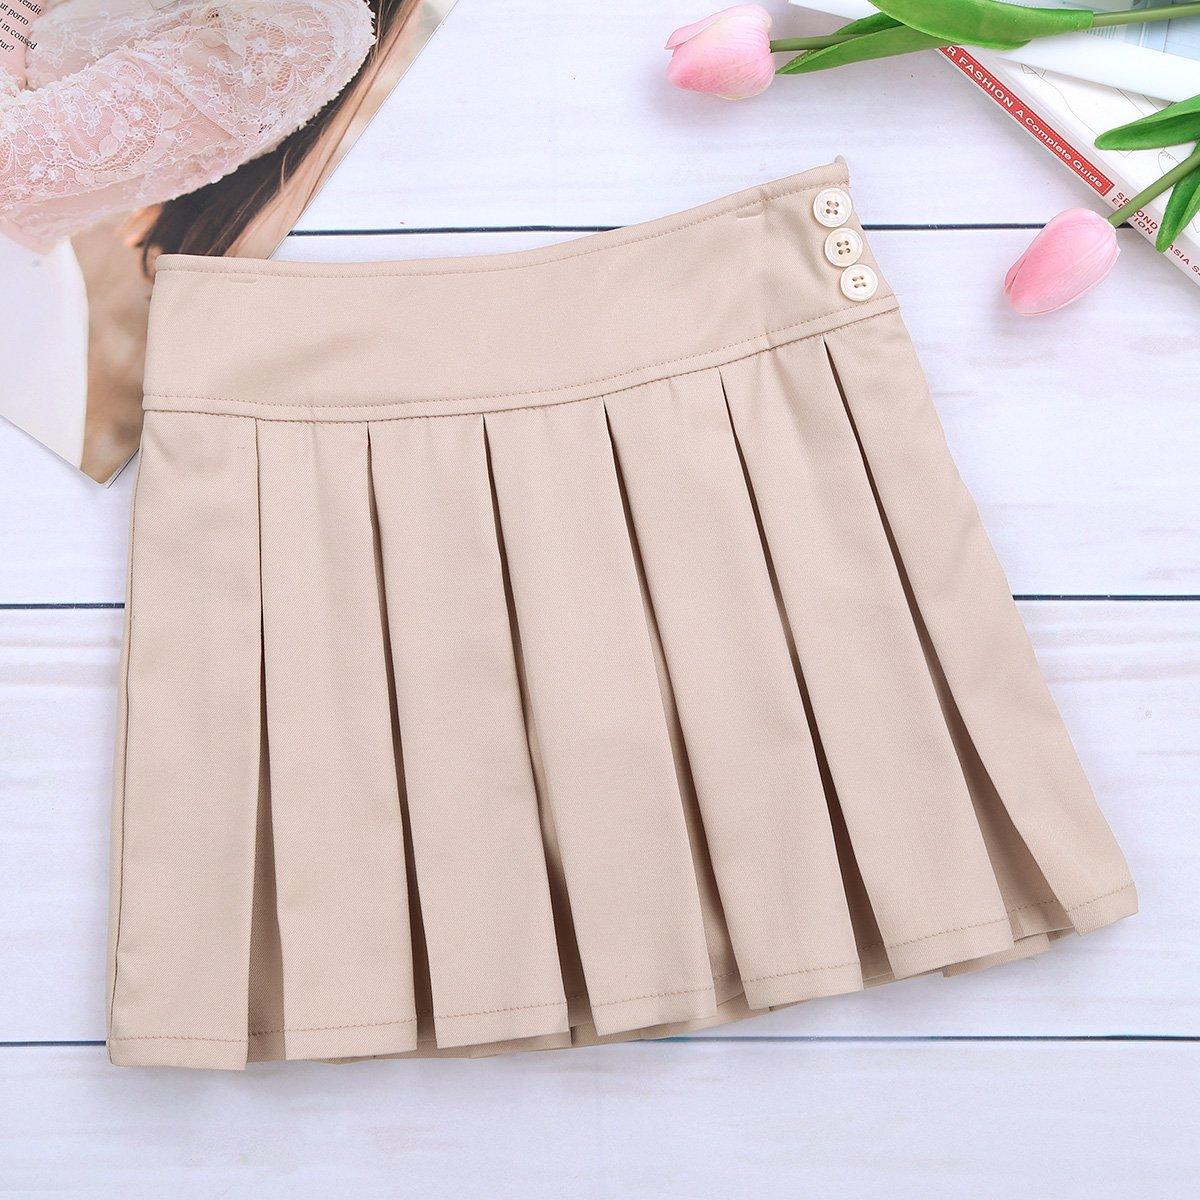 dPois Kids Girl Skort School Uniform High Waist Box Pleated Skater Tennis Skirt Side Zipper Scooter with Hidden Shorts